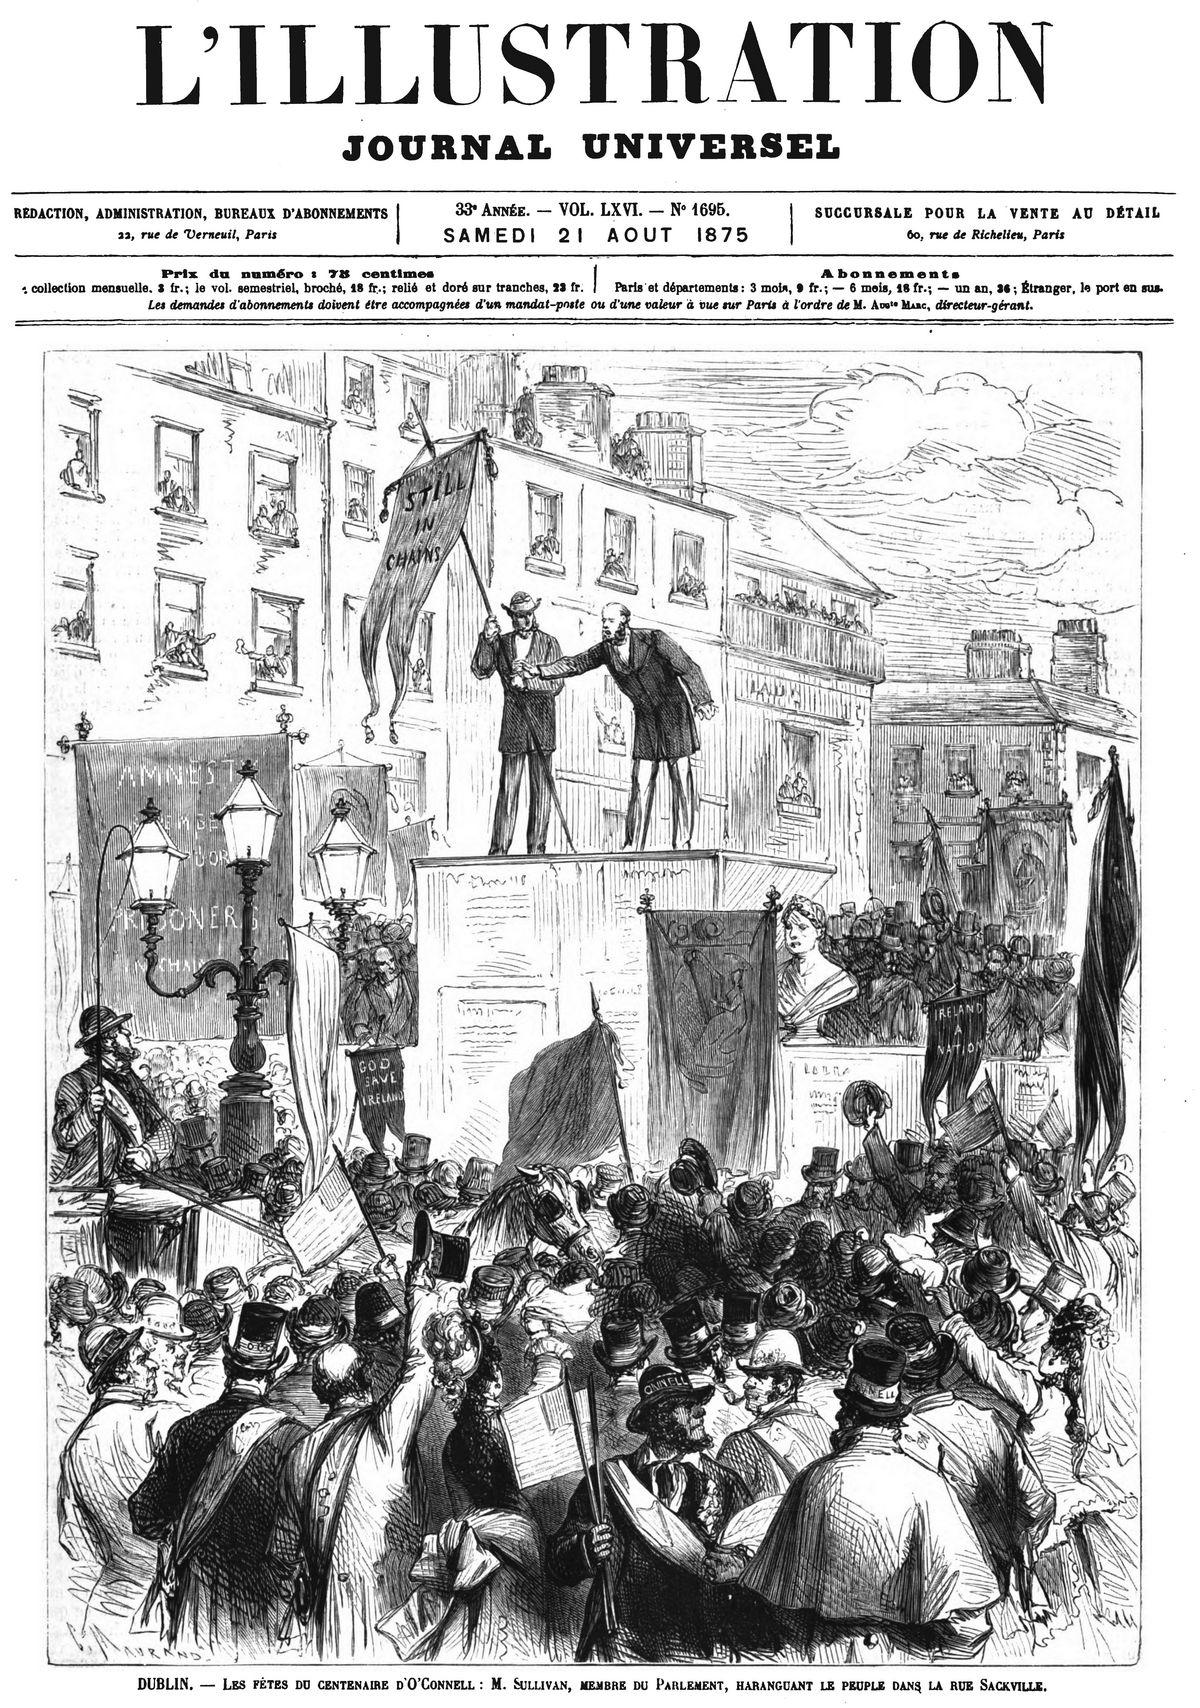 Les fêtes du centenaire d'O'Connell, en Irlande.